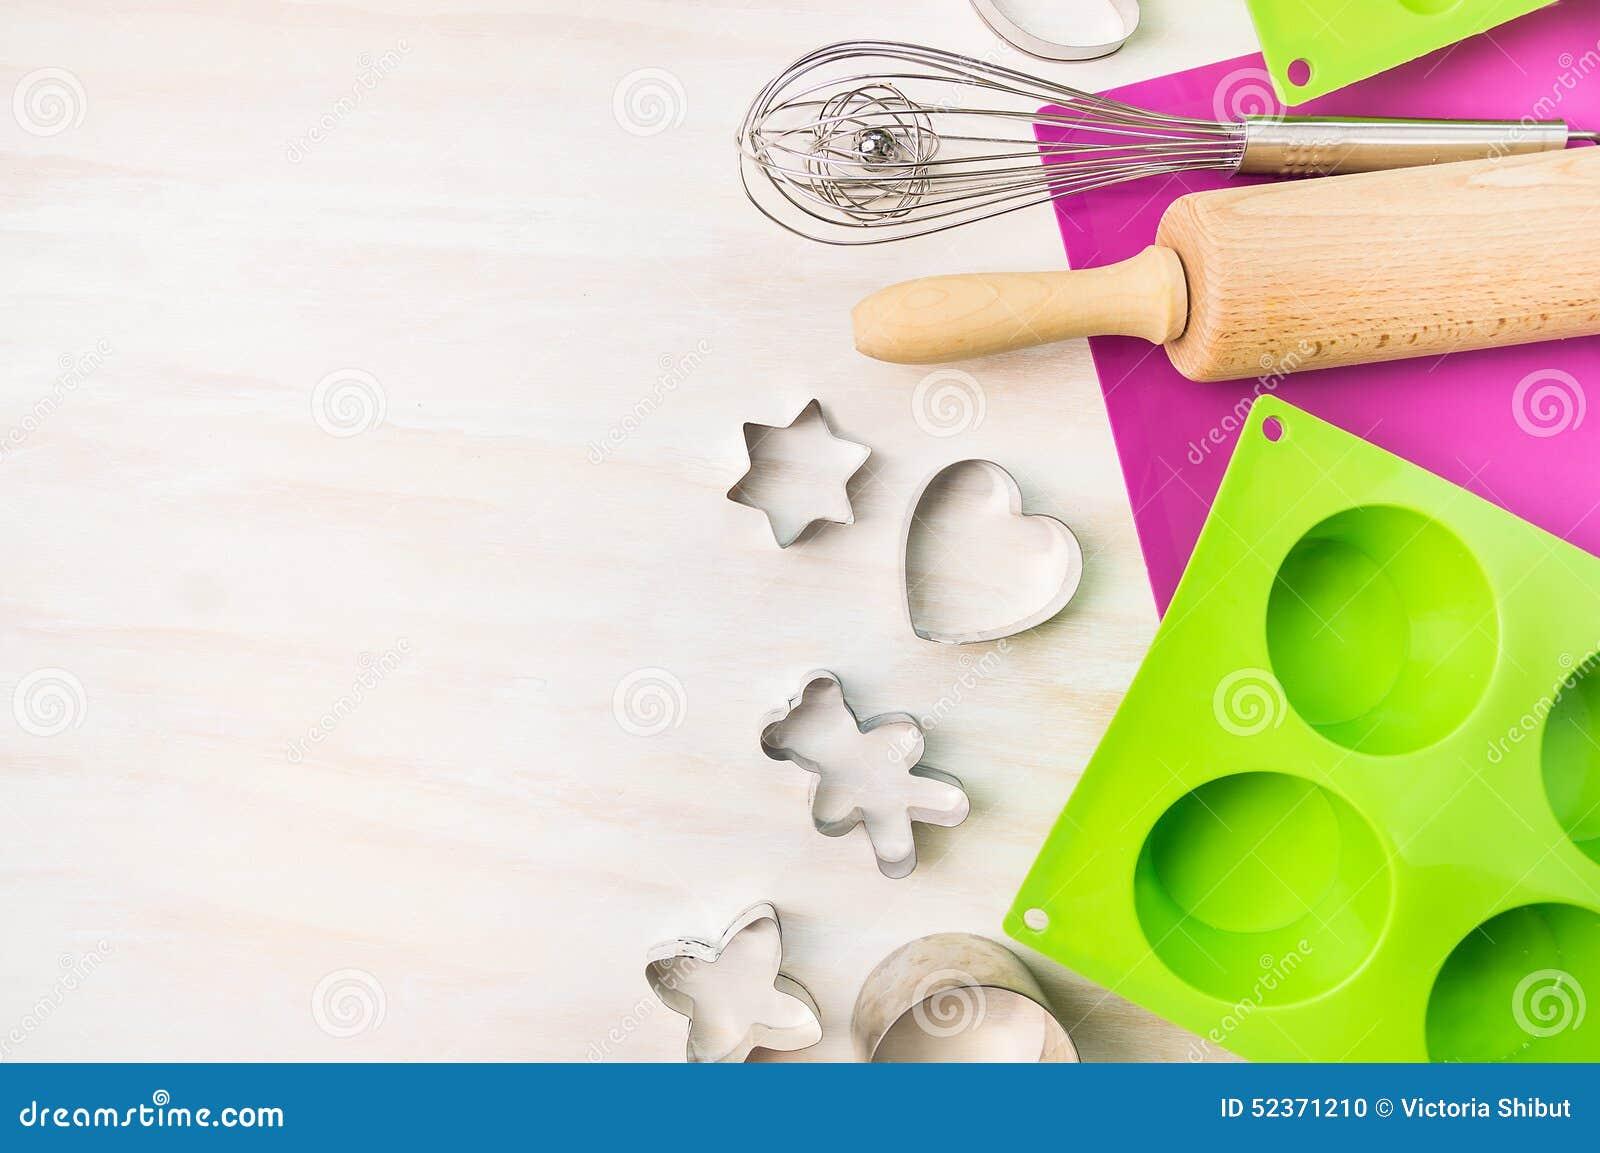 Weihnachten backen Werkzeuge für Plätzchen- und Kuchenform für Muffin und kleinen Kuchen auf weißem hölzernem Hintergrund, Draufs